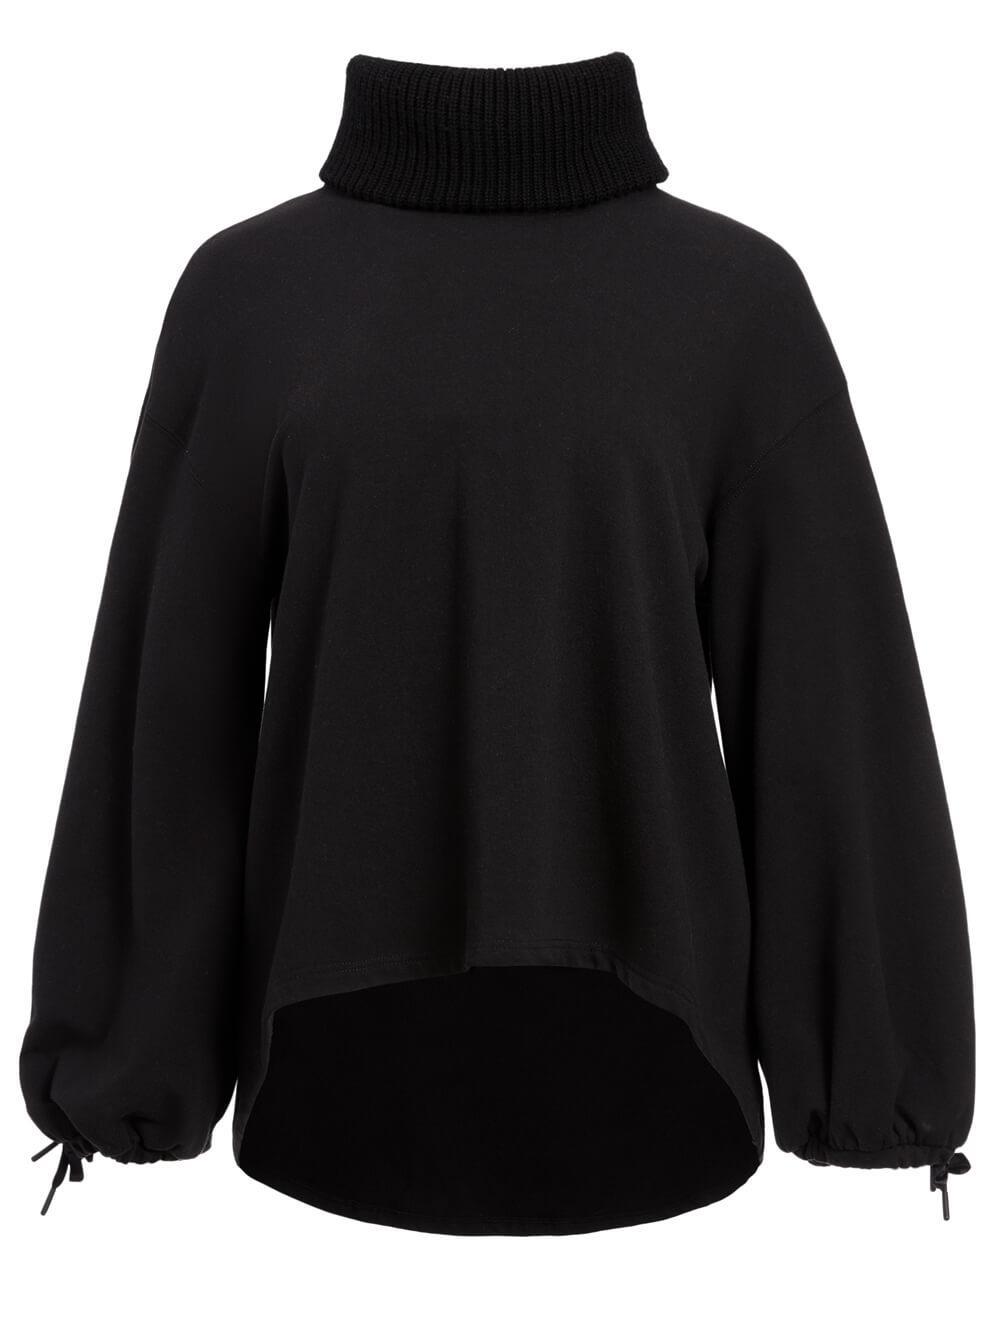 Mischa Turtleneck Sweatshirt Item # CL000W39002